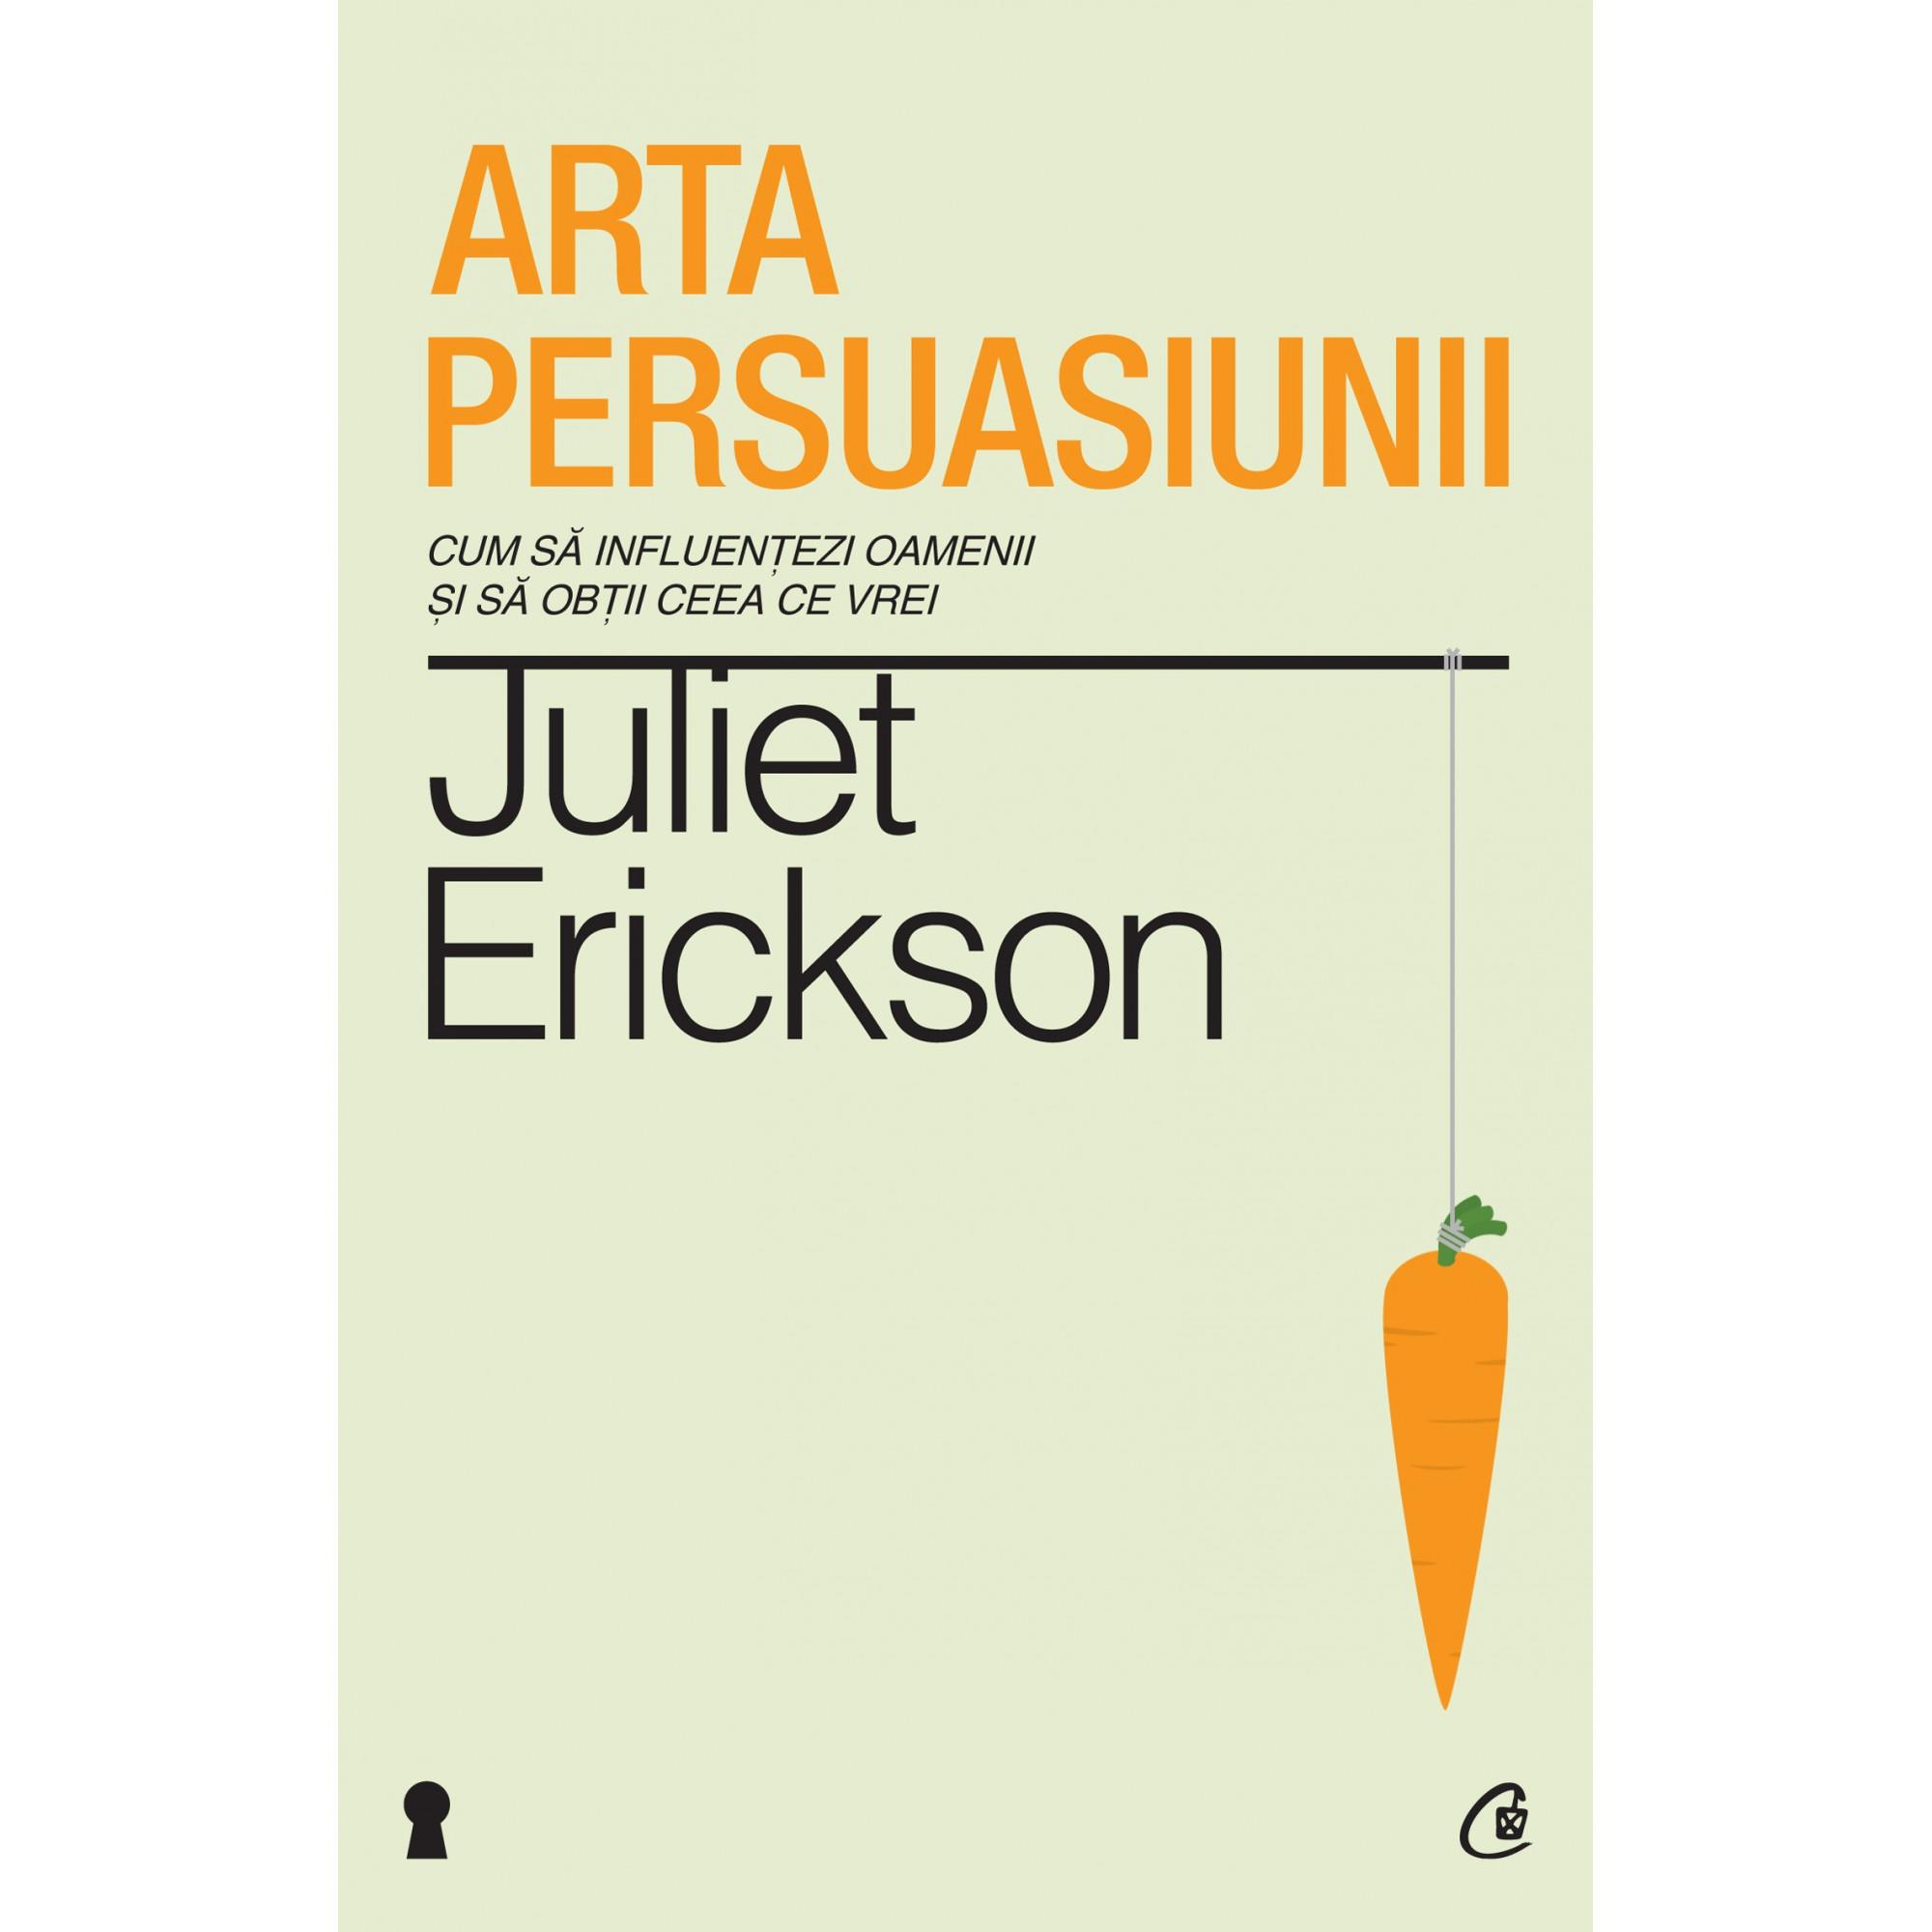 Arta persuasiunii. Ediţia a II-a; Juliet Erickson